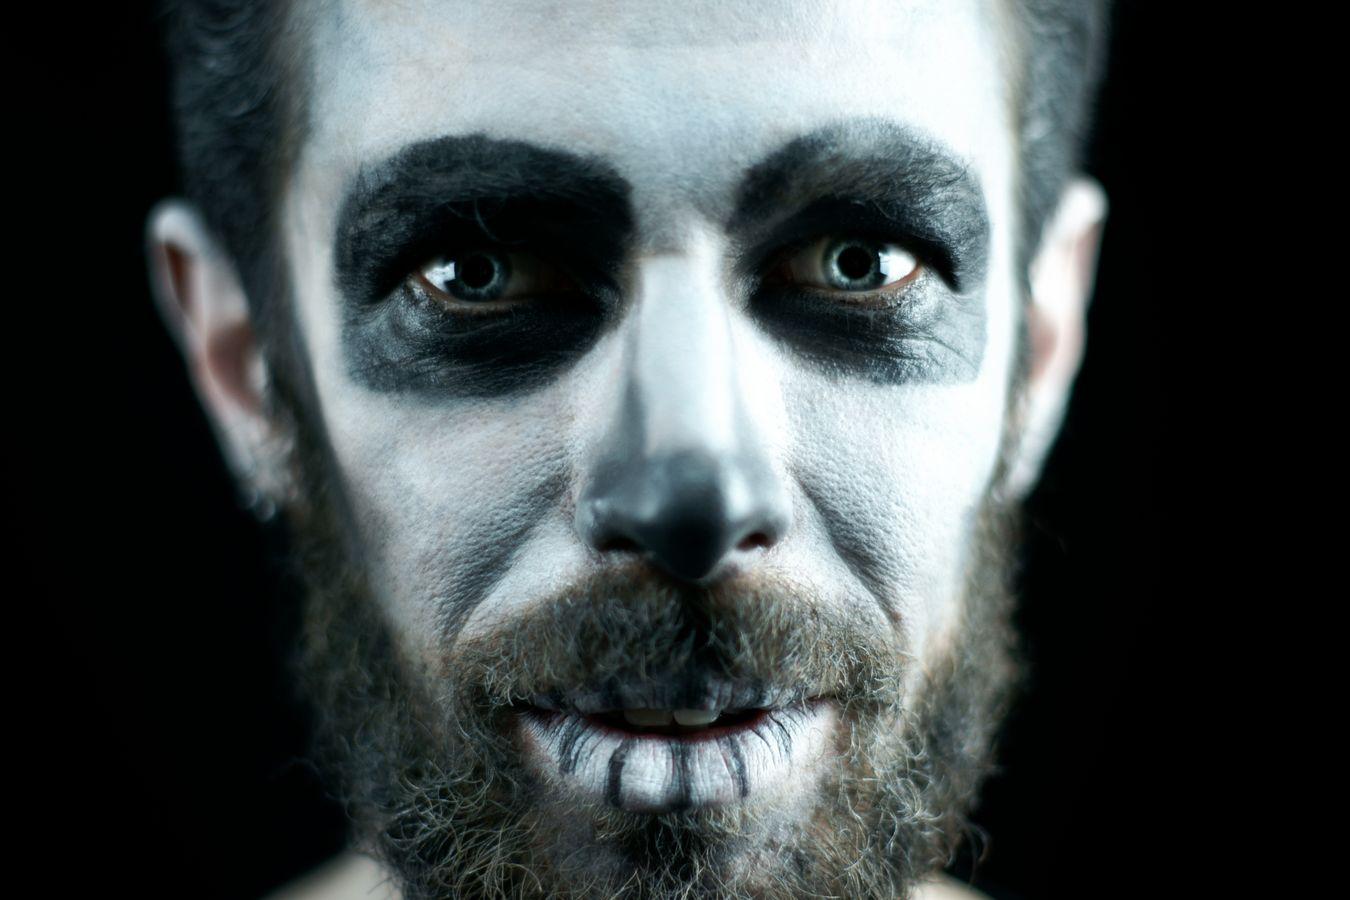 Alors que t'es en train de rêver, soudain, un démon apparaît devant toi. Rémy Bernard maquillé pour la websérie « Donne moi du mou ».